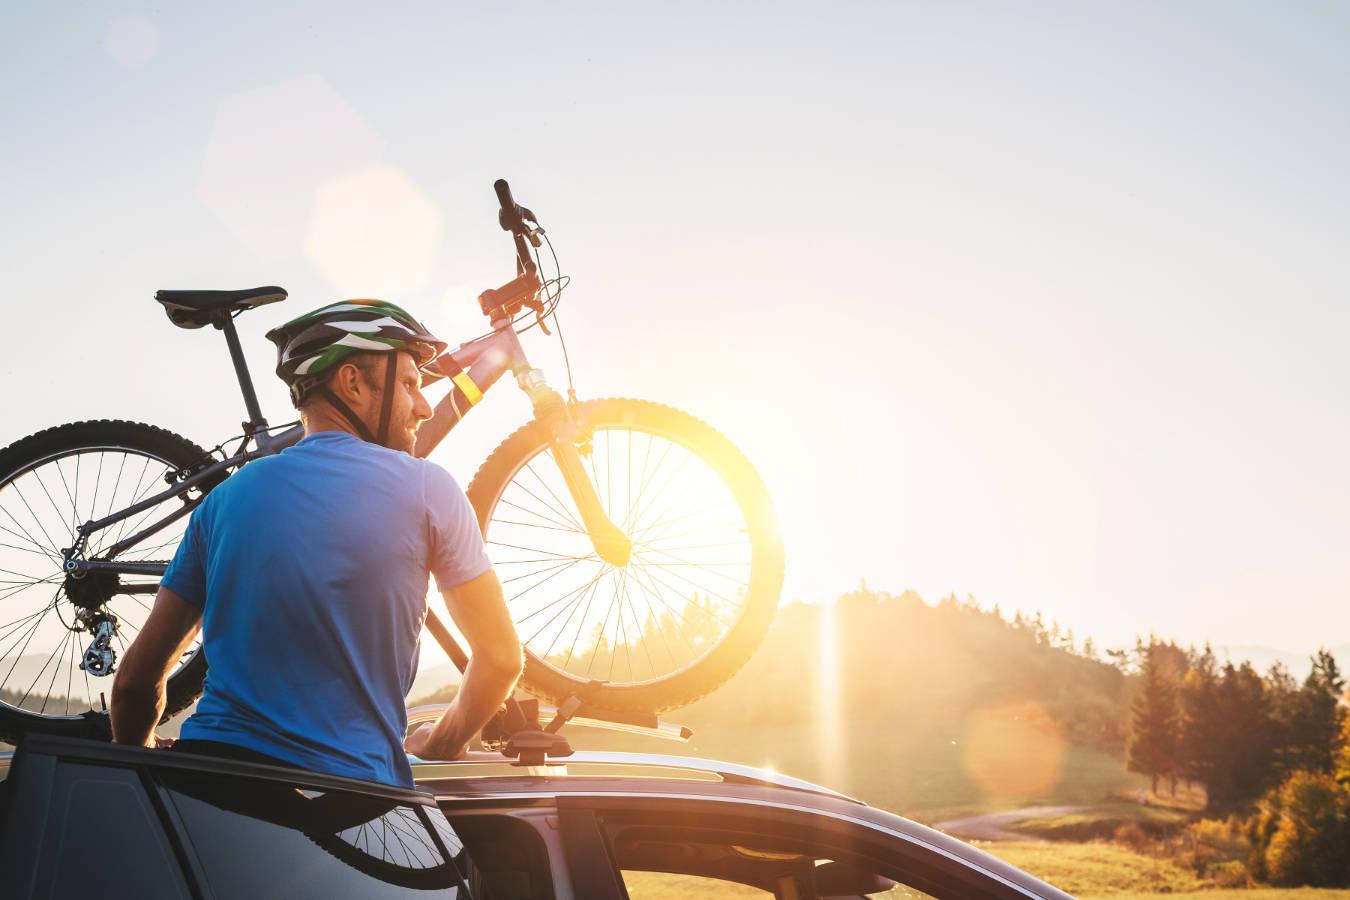 Bagażnik rowerowy do samochodu, który zapewni bezproblemowy transport roweru – co wybrać?